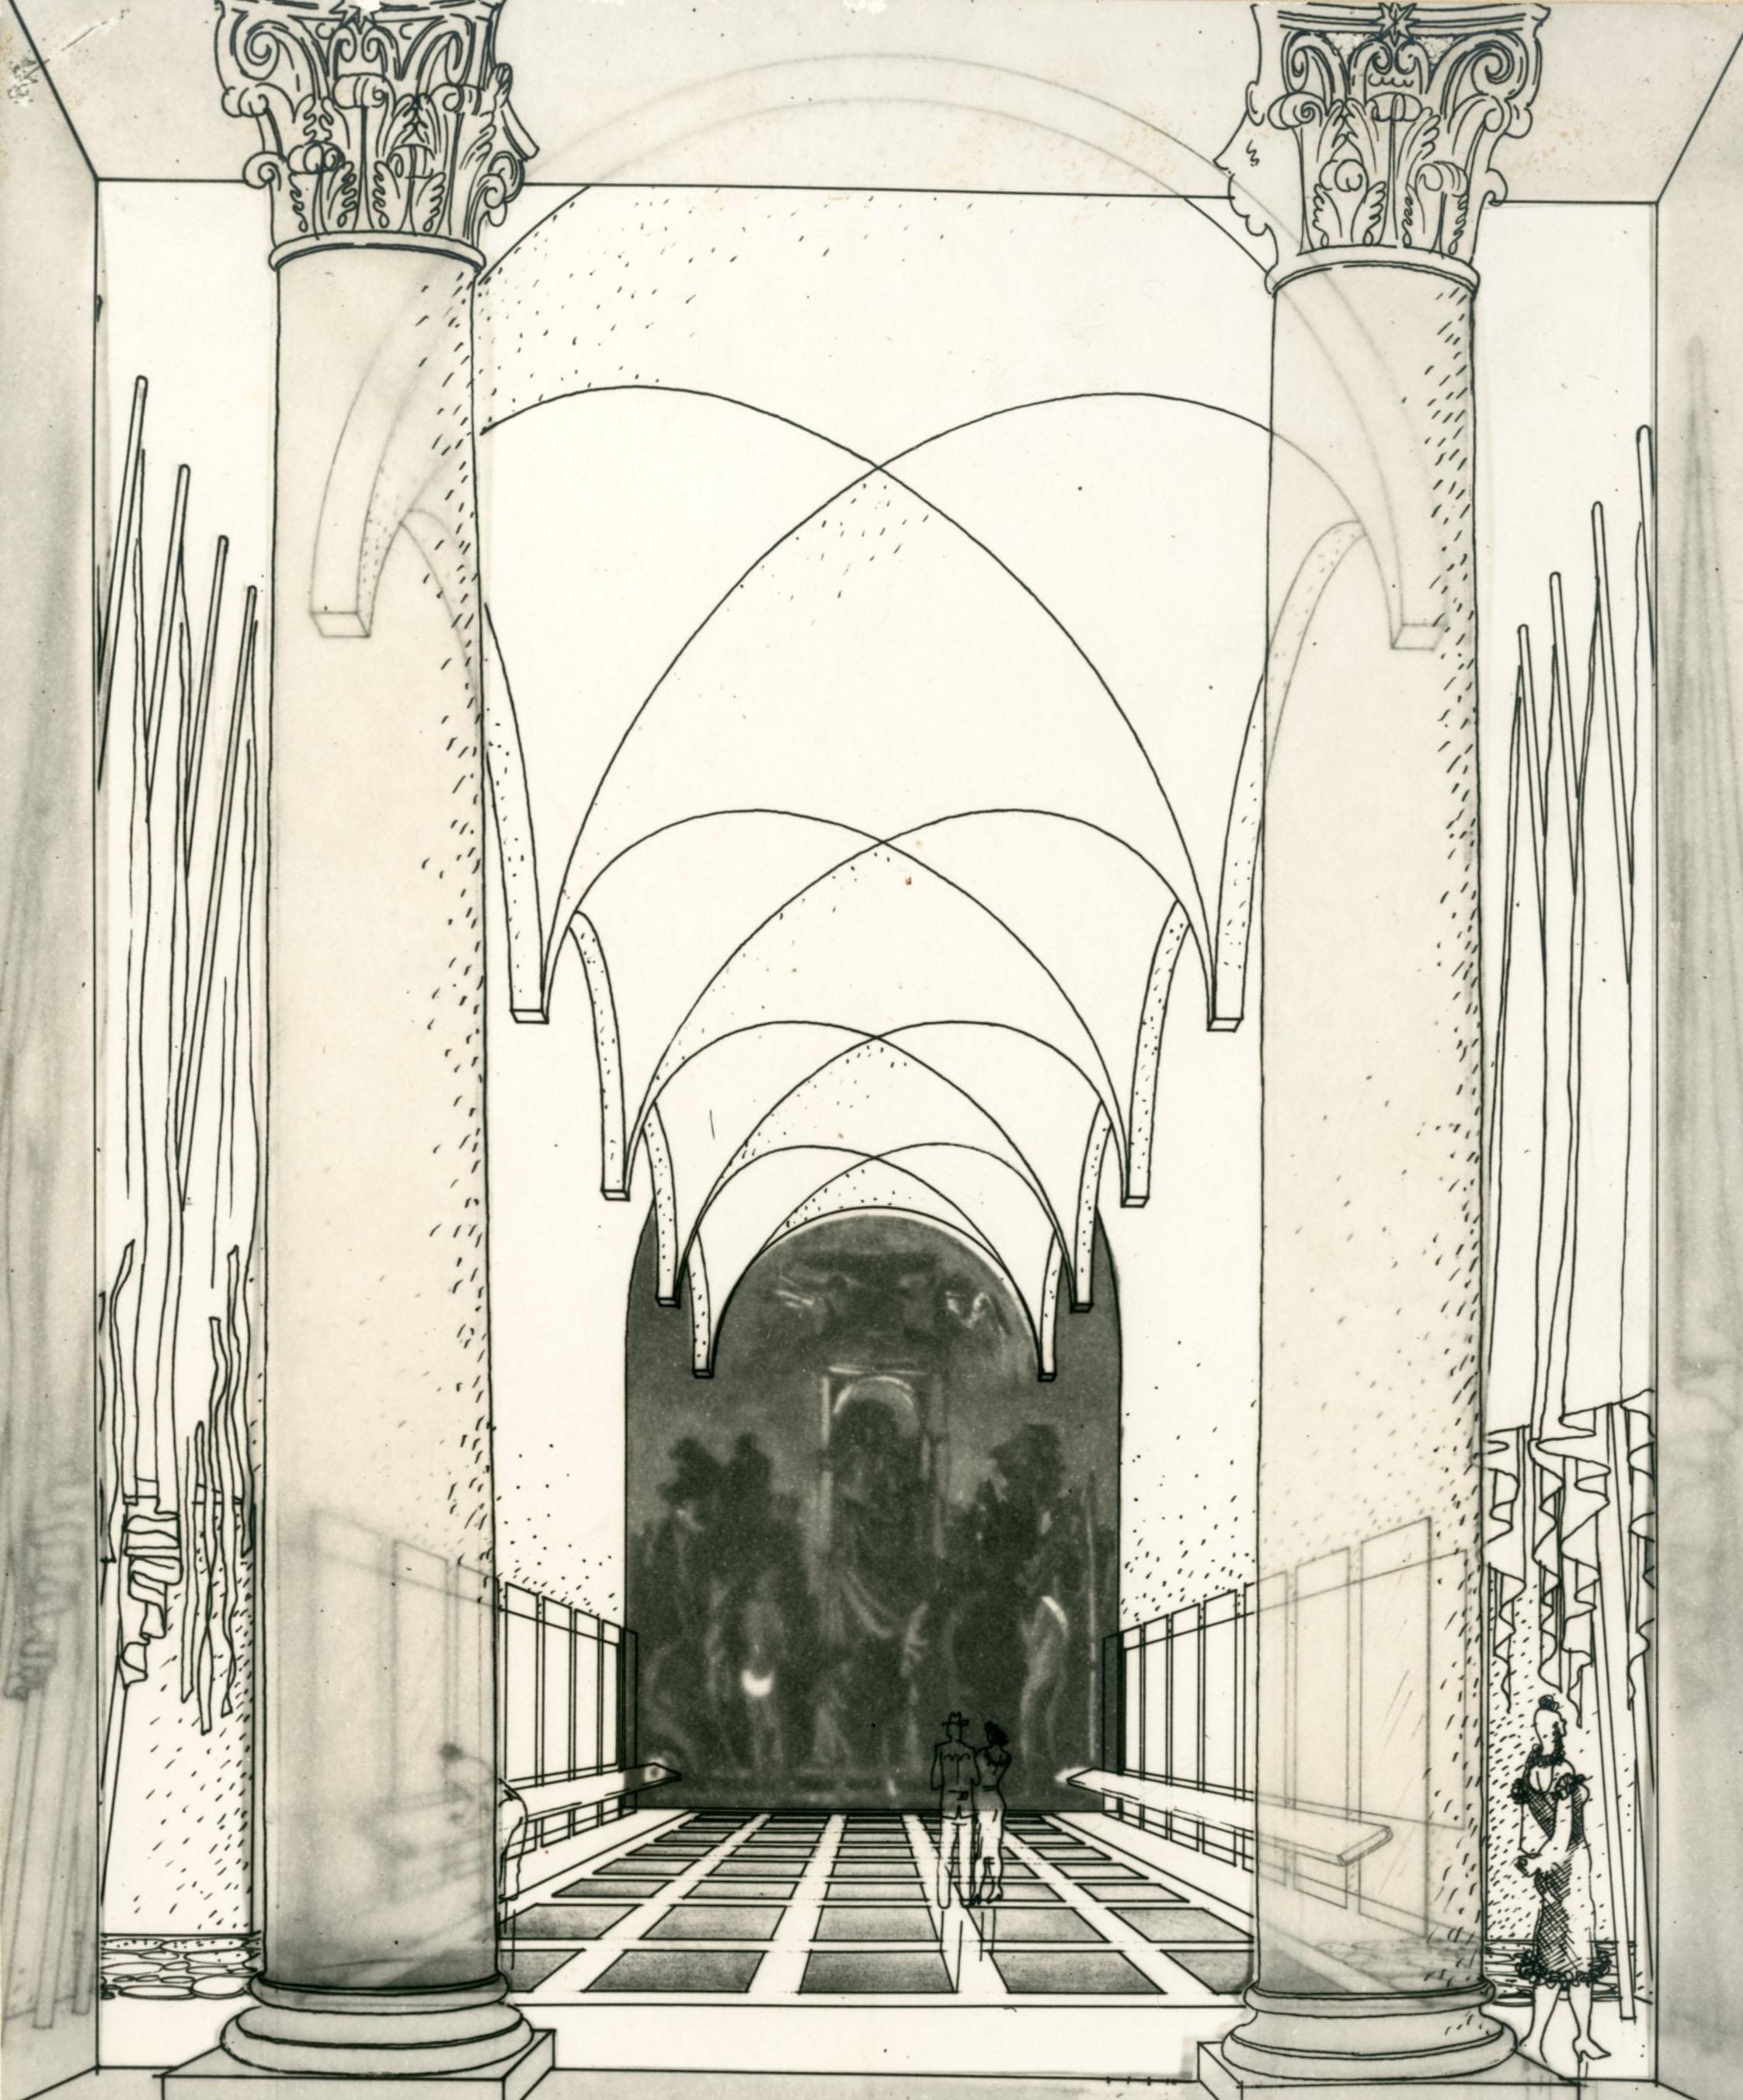 Mostra della Razza, Roma (sale dei secoli XV-XVI e XVII-XVIII)